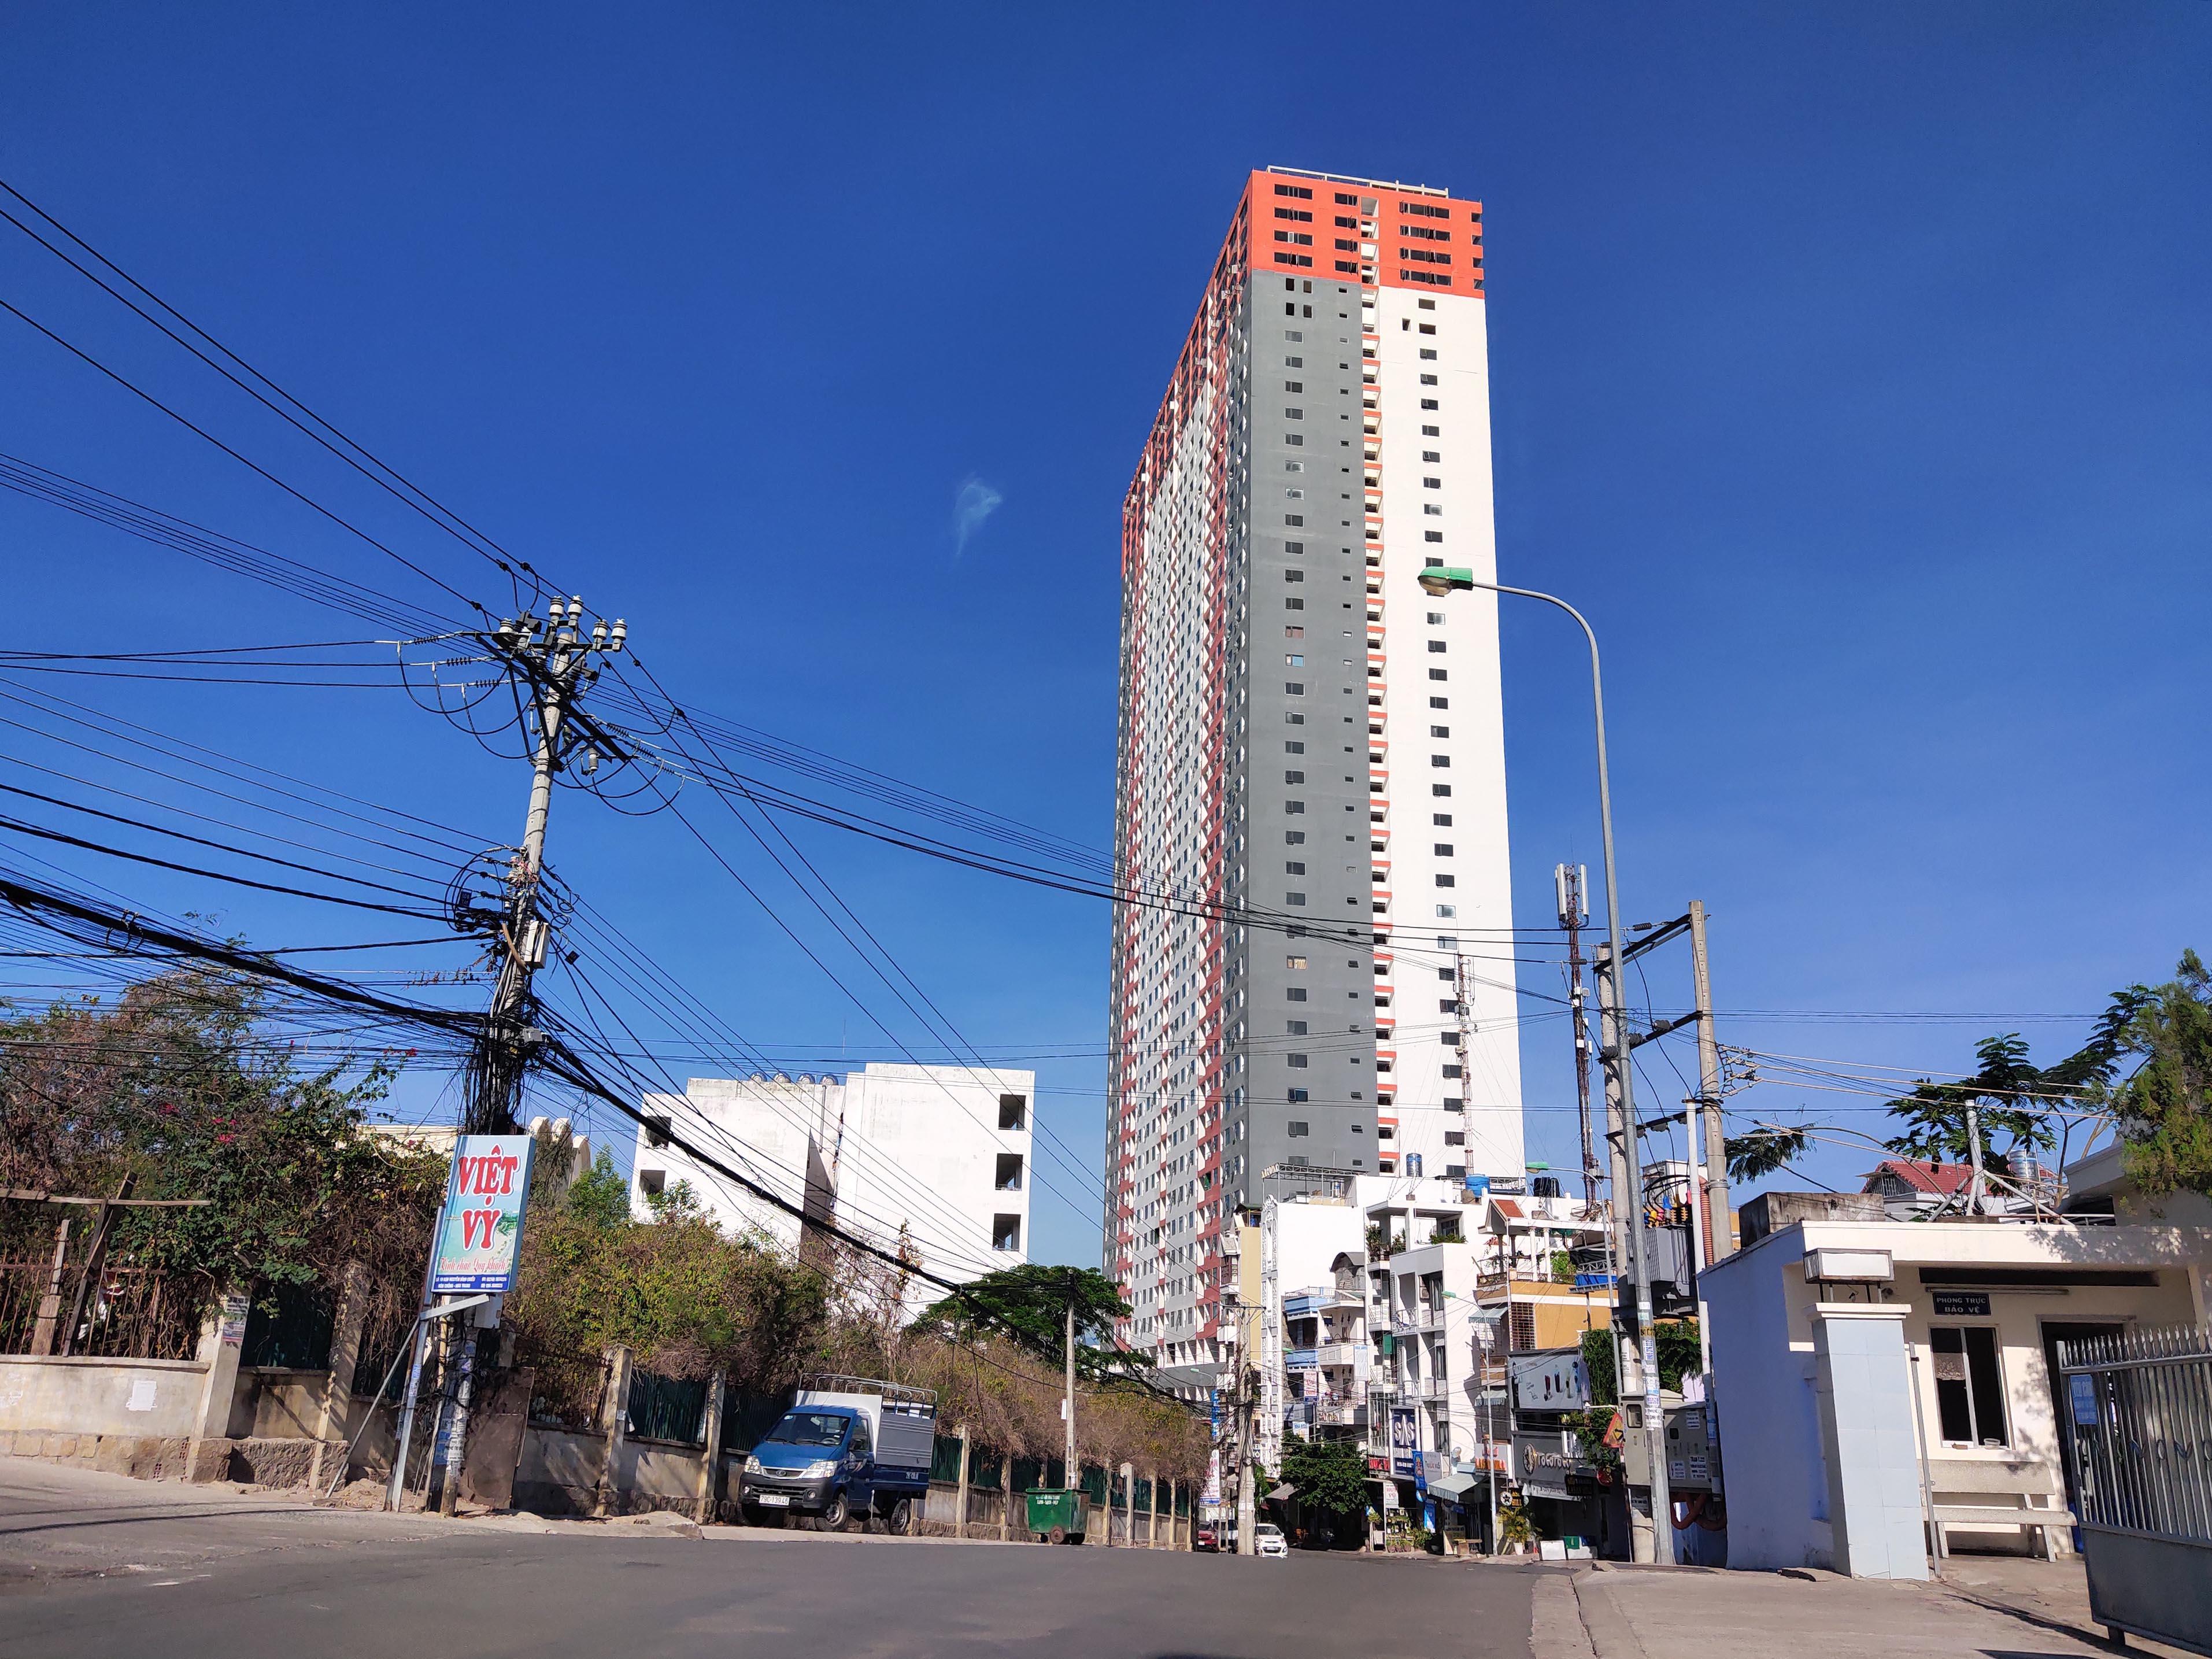 Khánh Hòa: Khu đất công thành chung cư 40 tầng  - Ảnh 2.